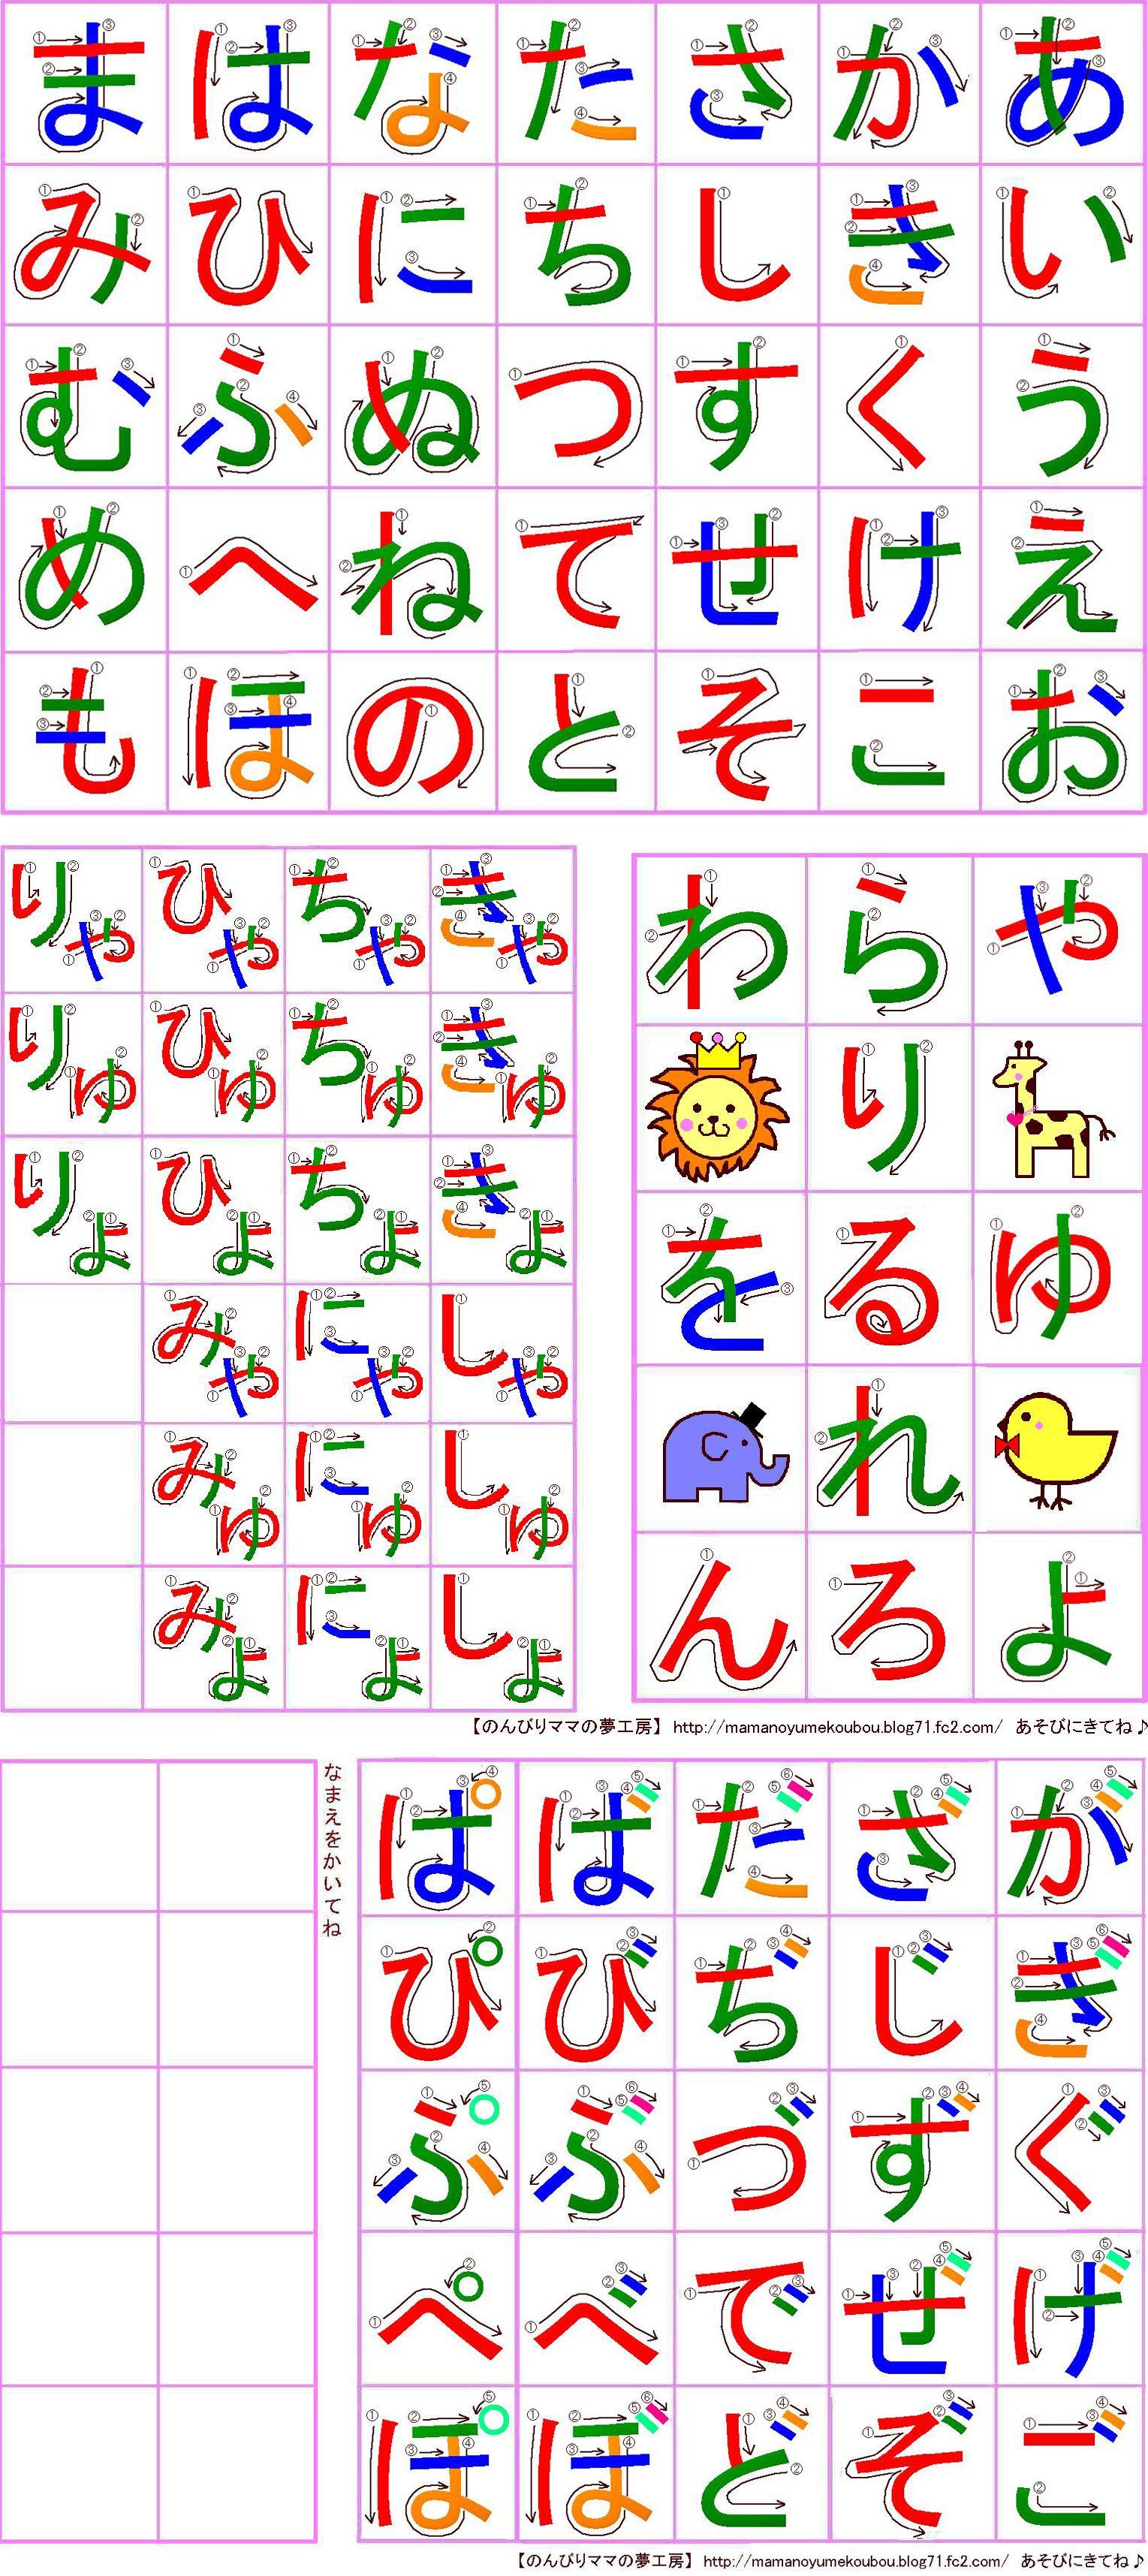 hight resolution of stroke order diagram schematic diagram database kanji colorizer stroke order diagrams kanji stroke diagram